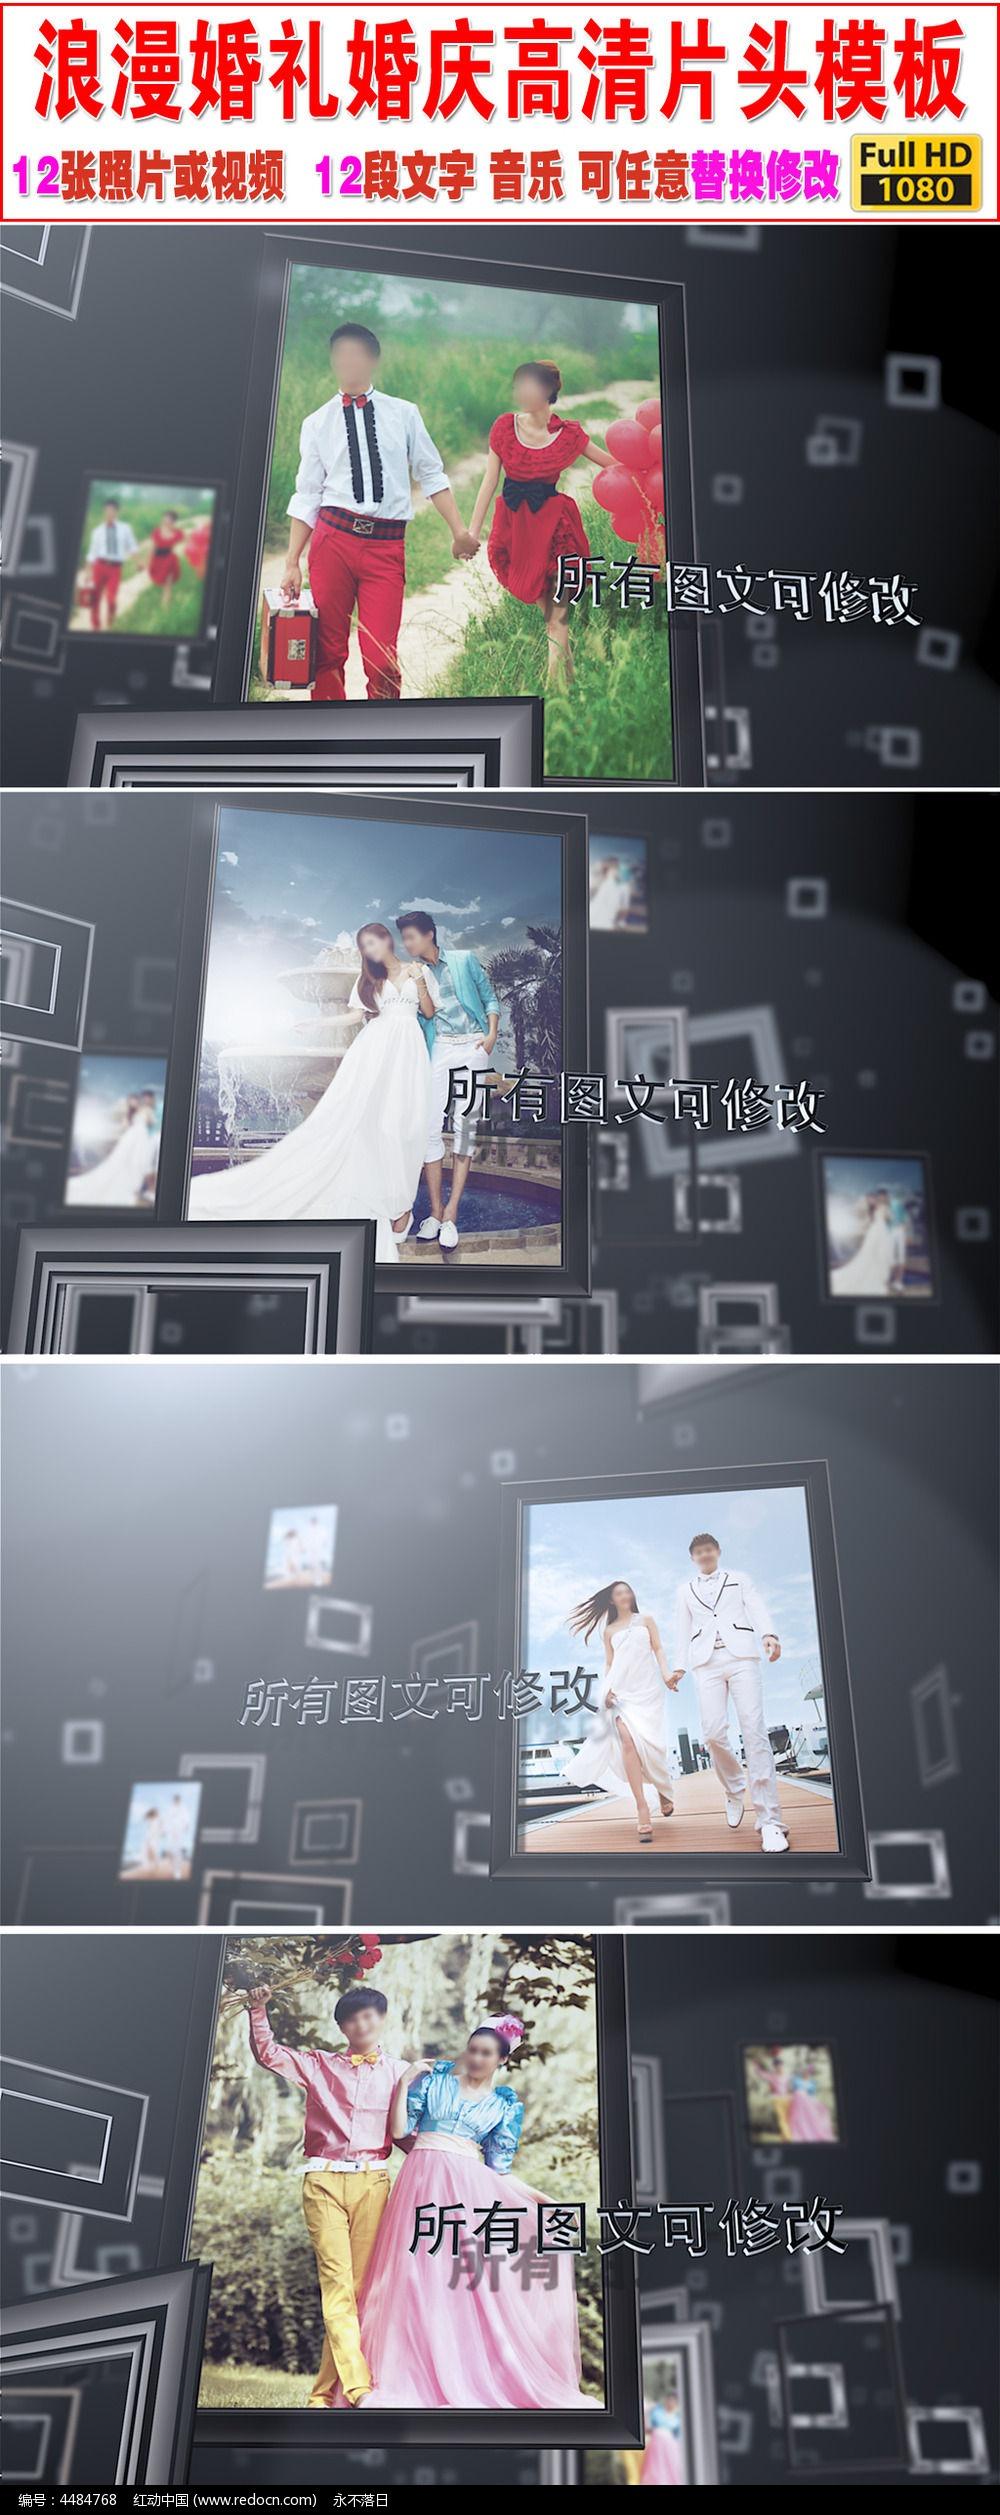 婚礼相册视频AE模板图片